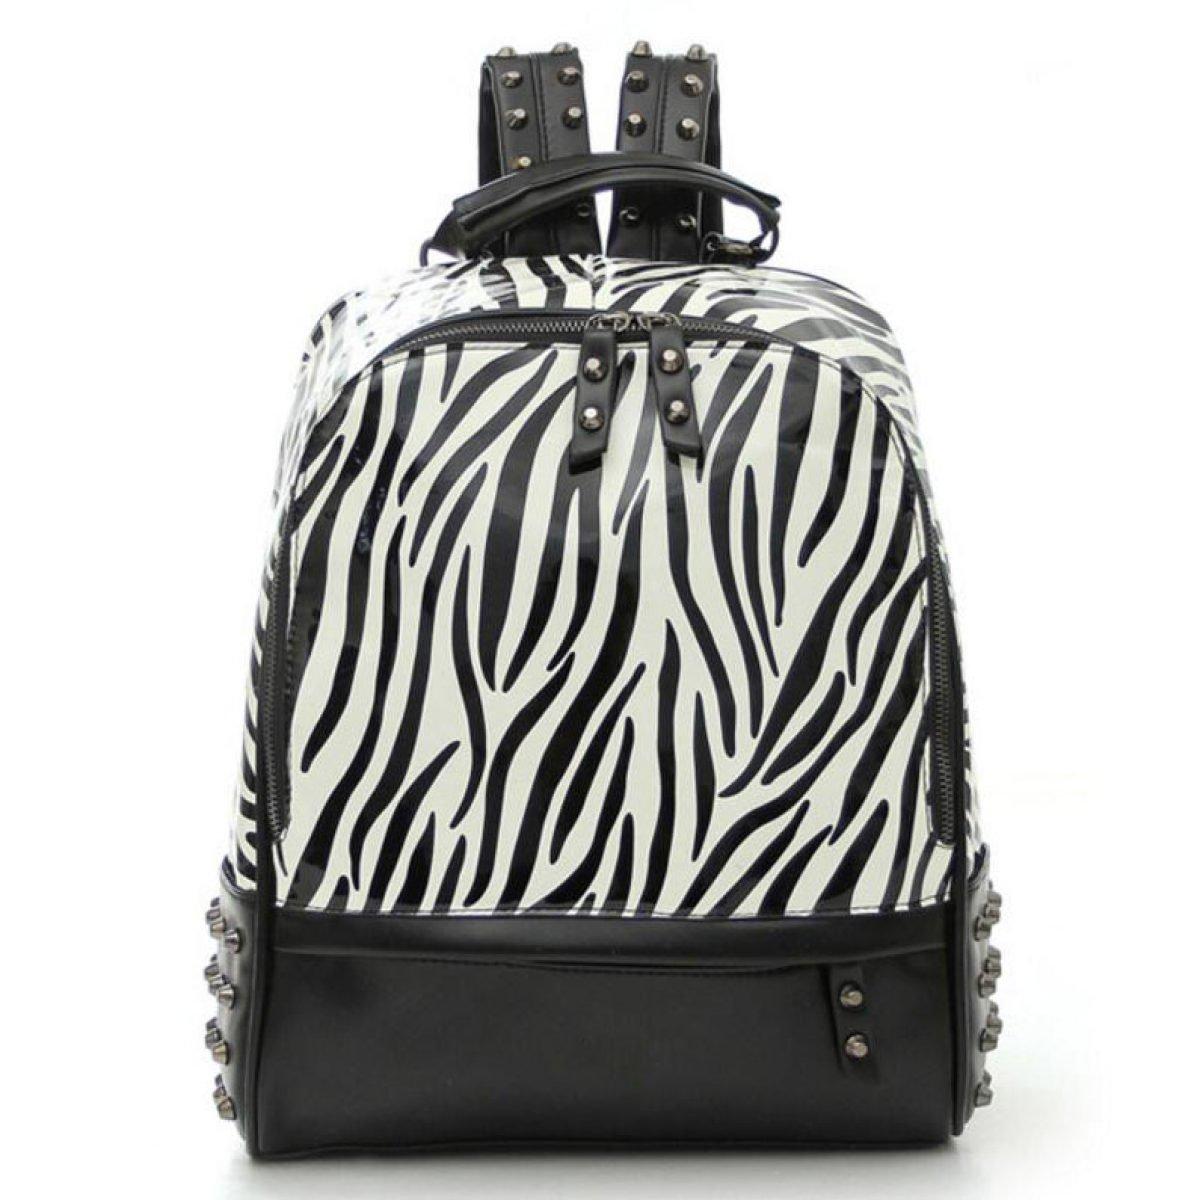 Woman College Backpack Zebra Print Bag Backpack, Black HAOXIAOZICOMPANY